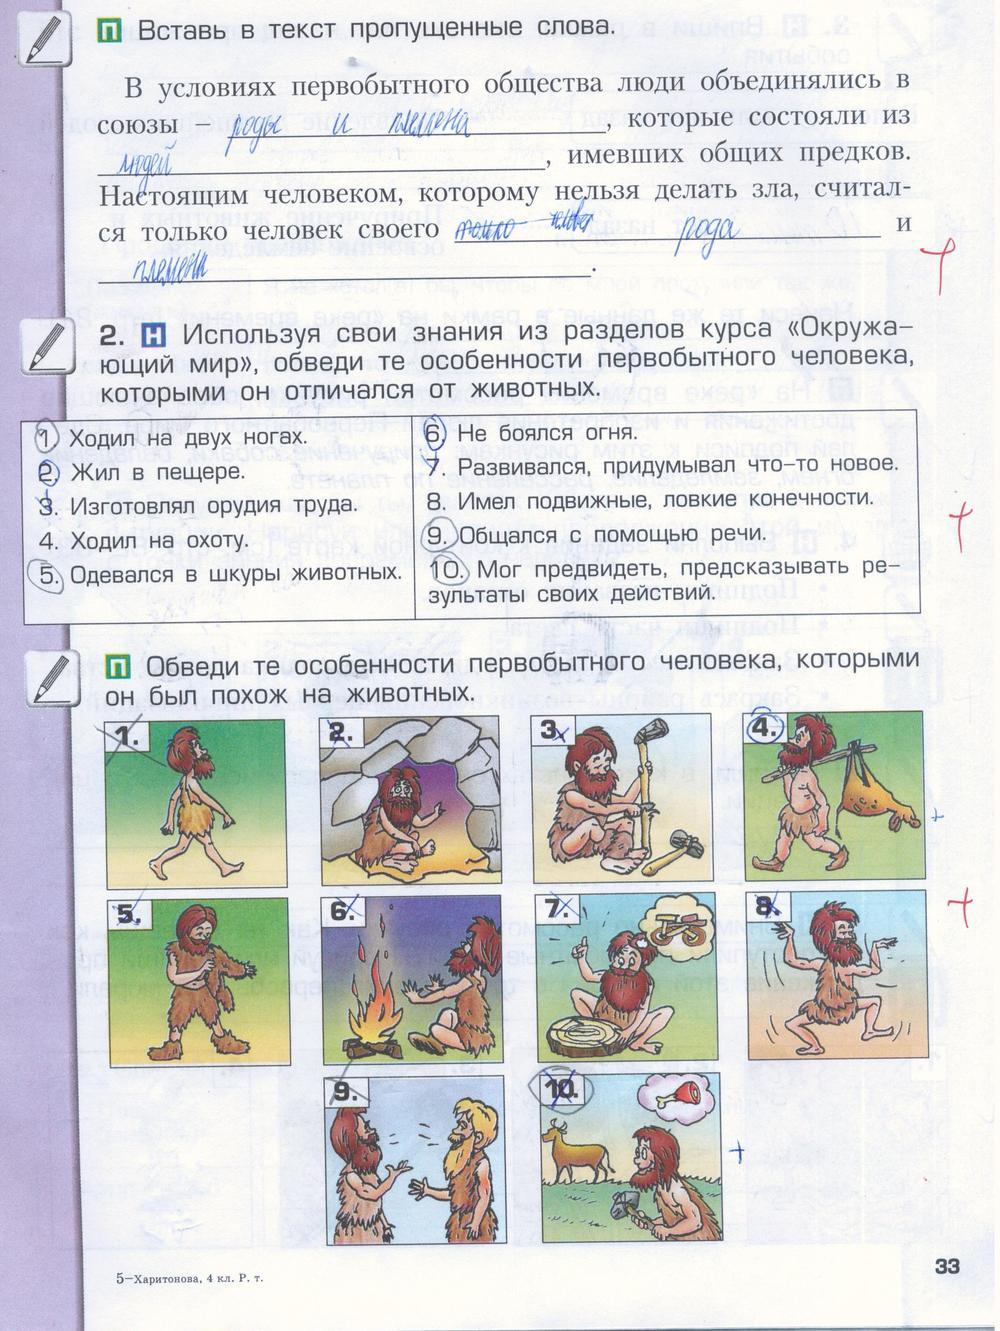 гдз по окружающему миру 2 класс вахрушев учебник и тетрадь